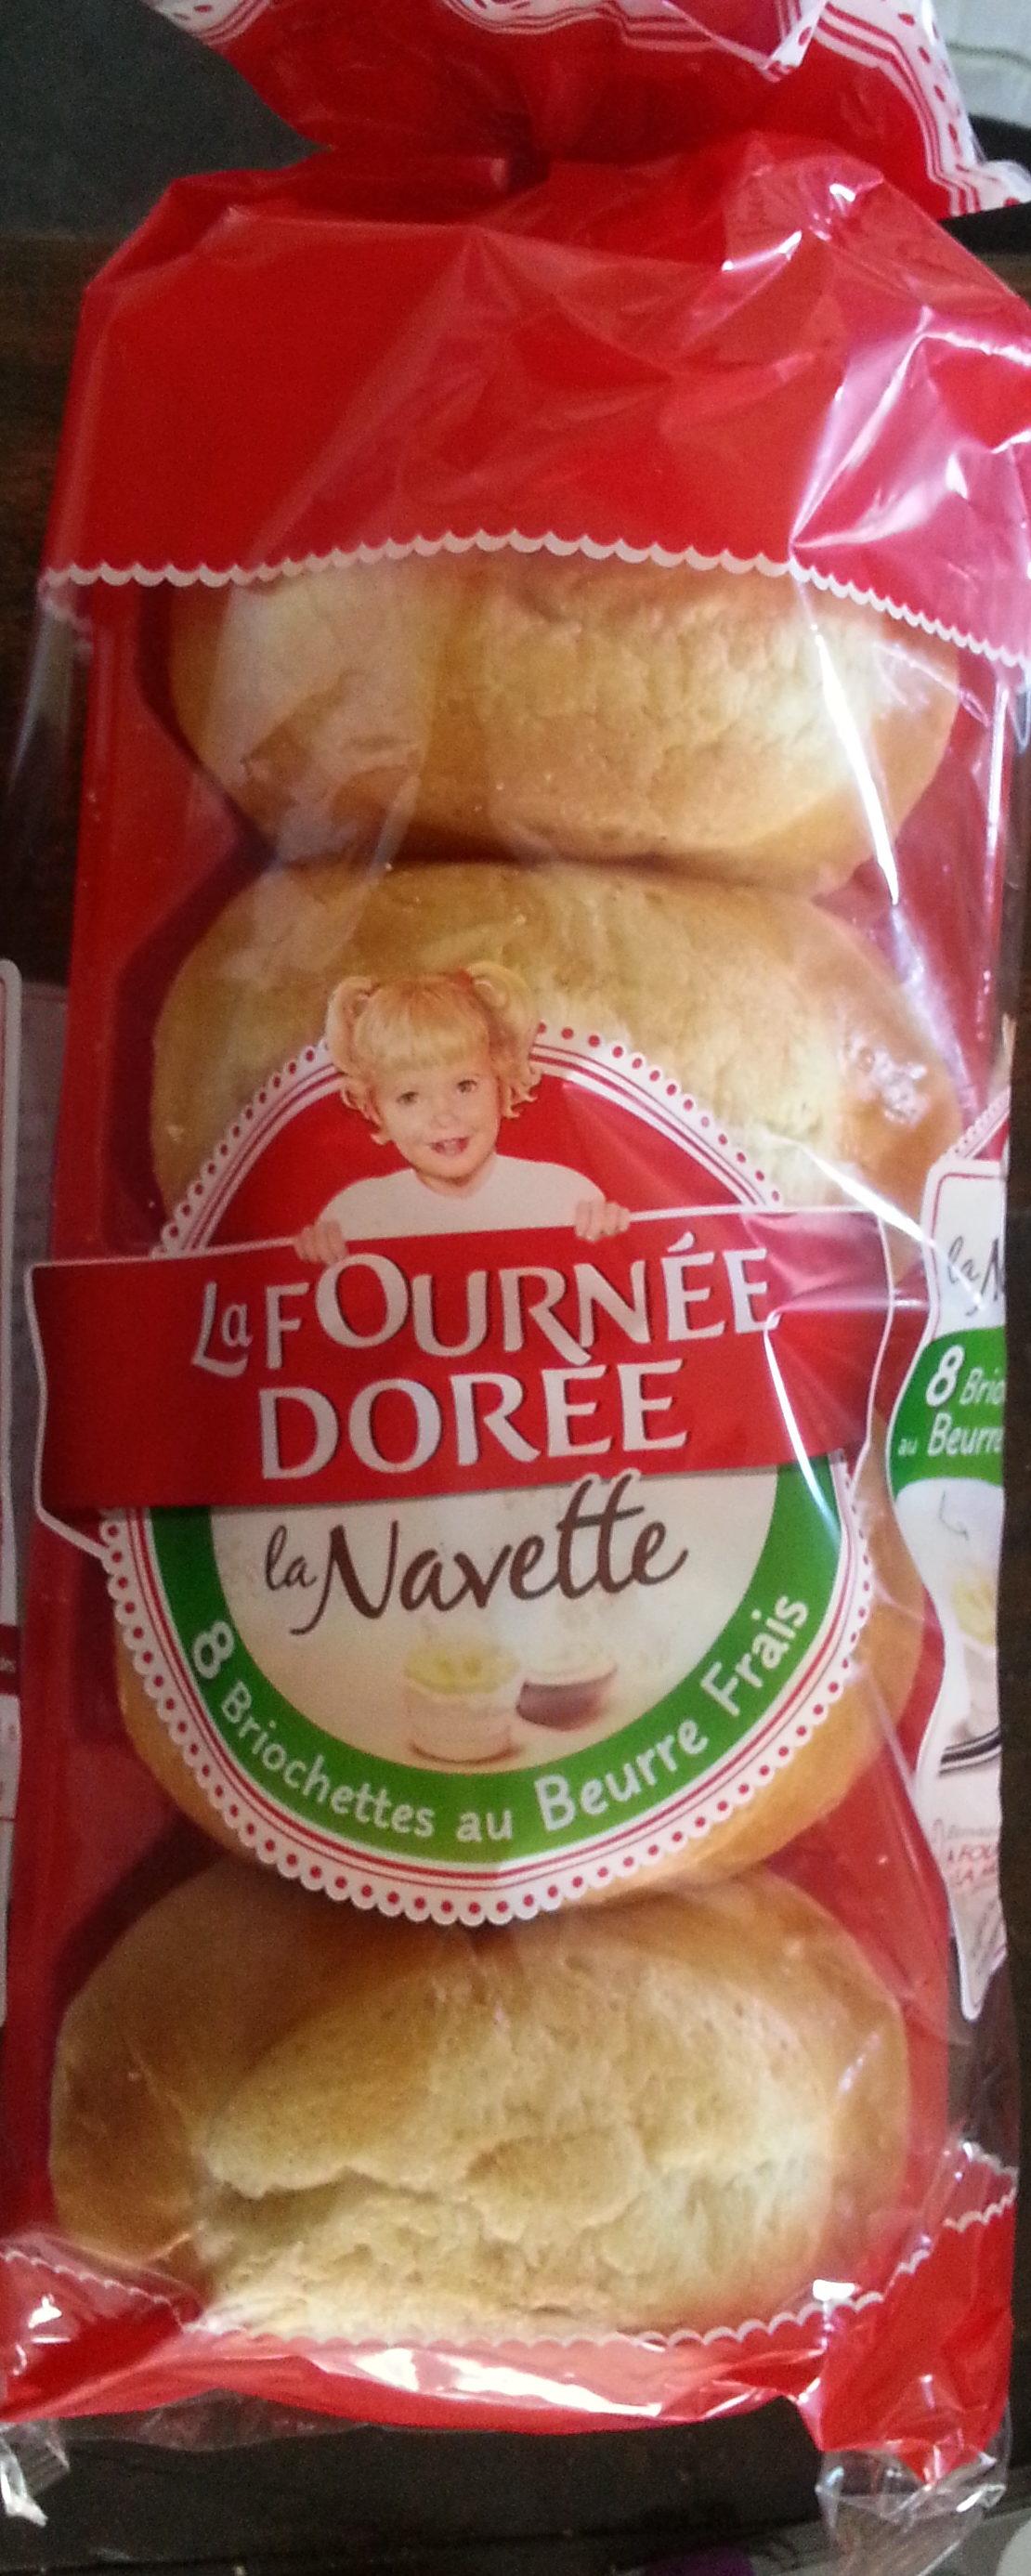 La Navette 8 briochettes au beurre frais - Product